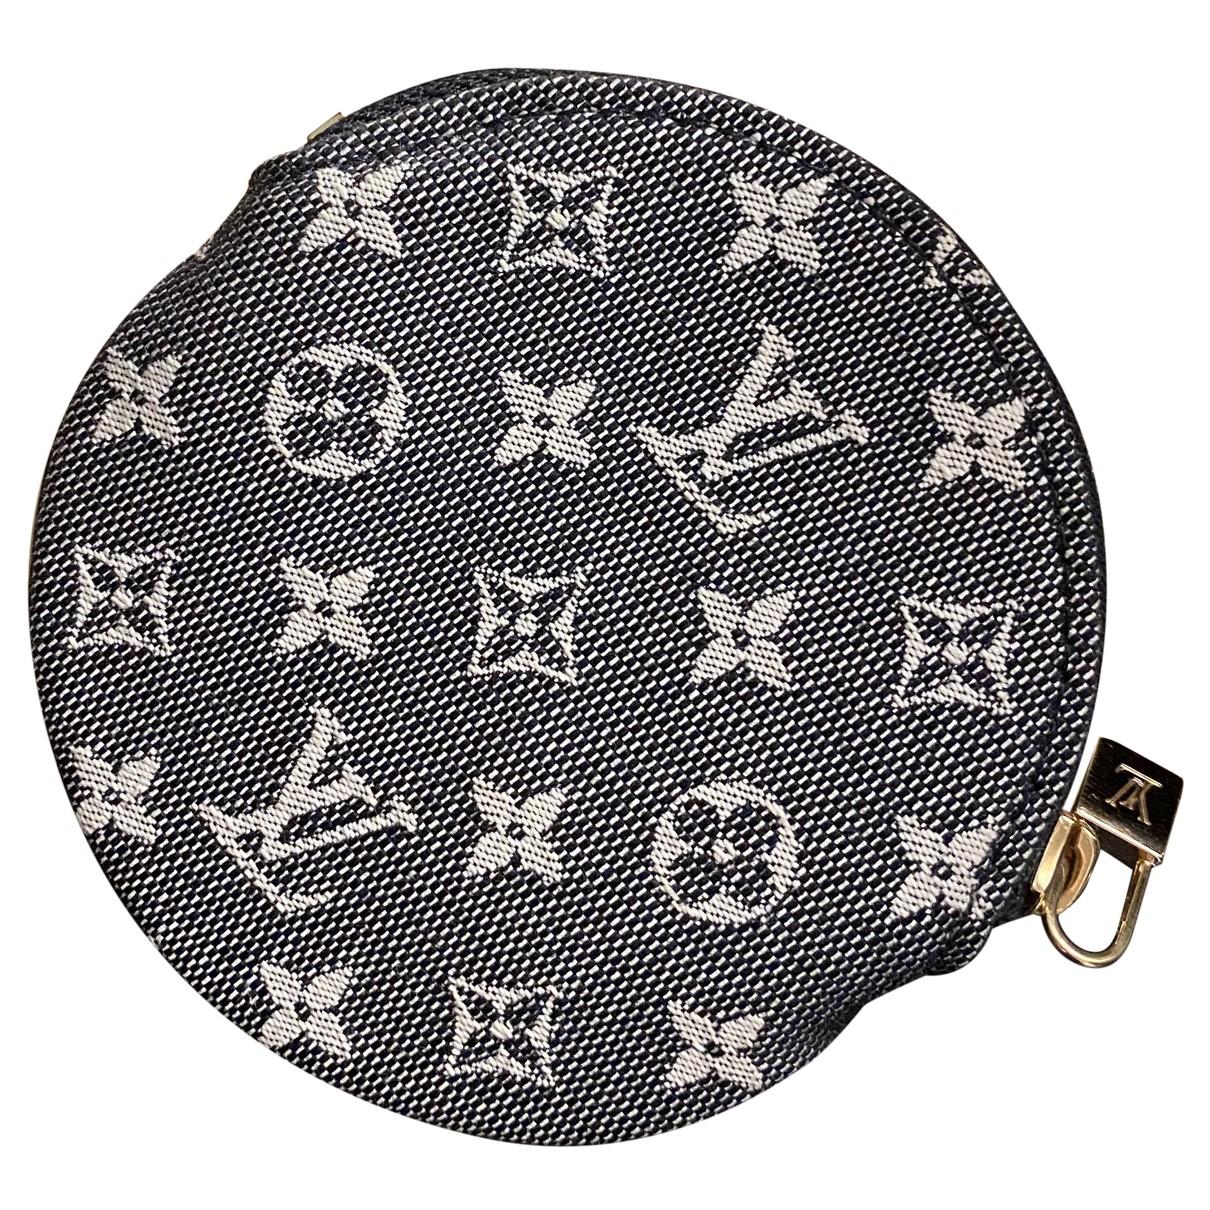 Louis Vuitton \N Kleinlederwaren in  Anthrazit Baumwolle